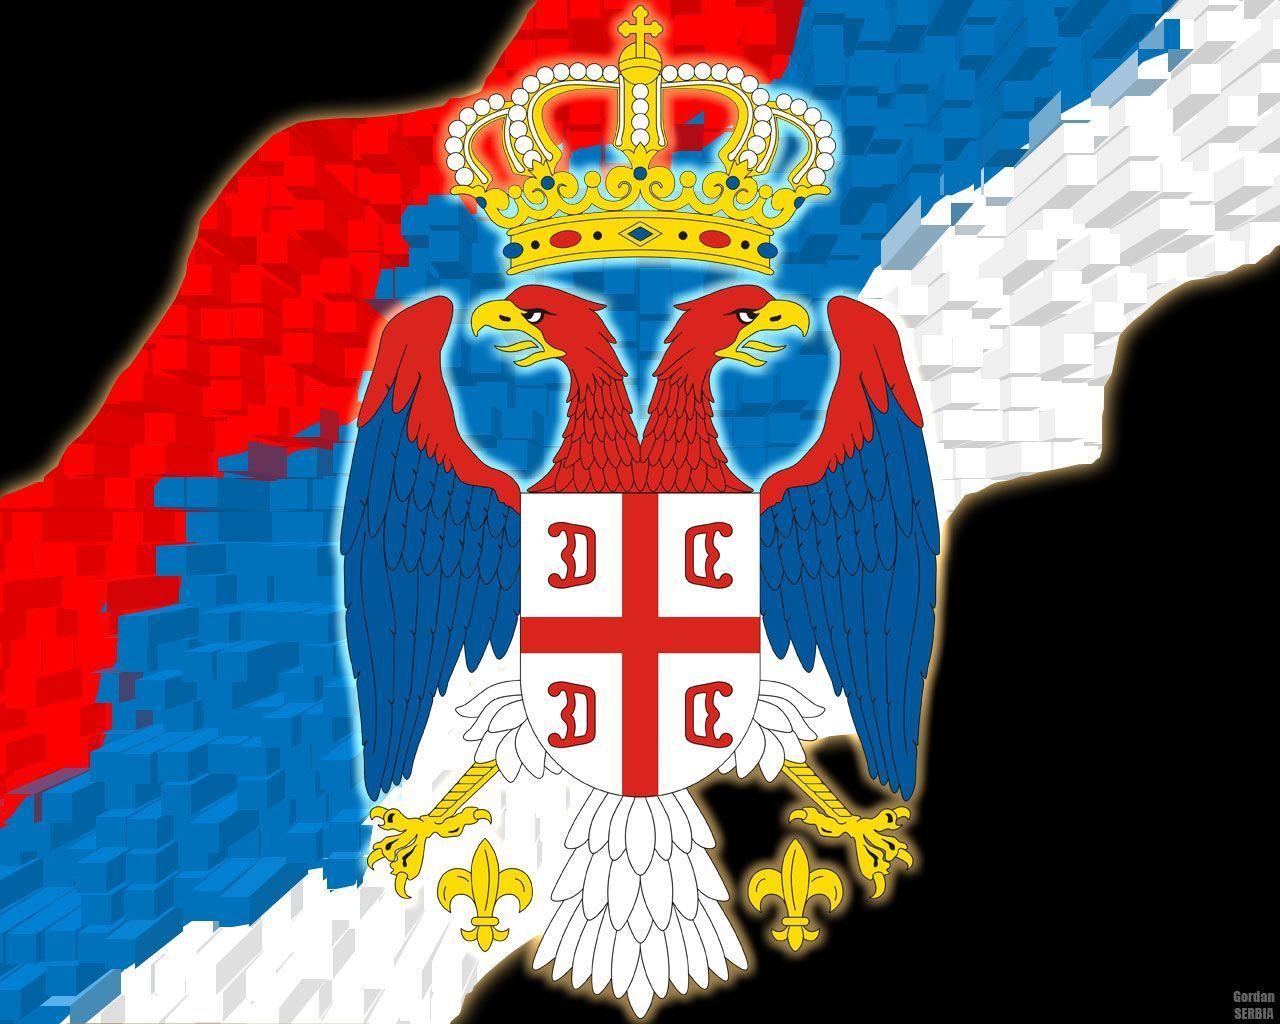 Hd Wallpapers Serbian Flag Wallpapers Zastava Srbije Pozadine Hd 1280x1024